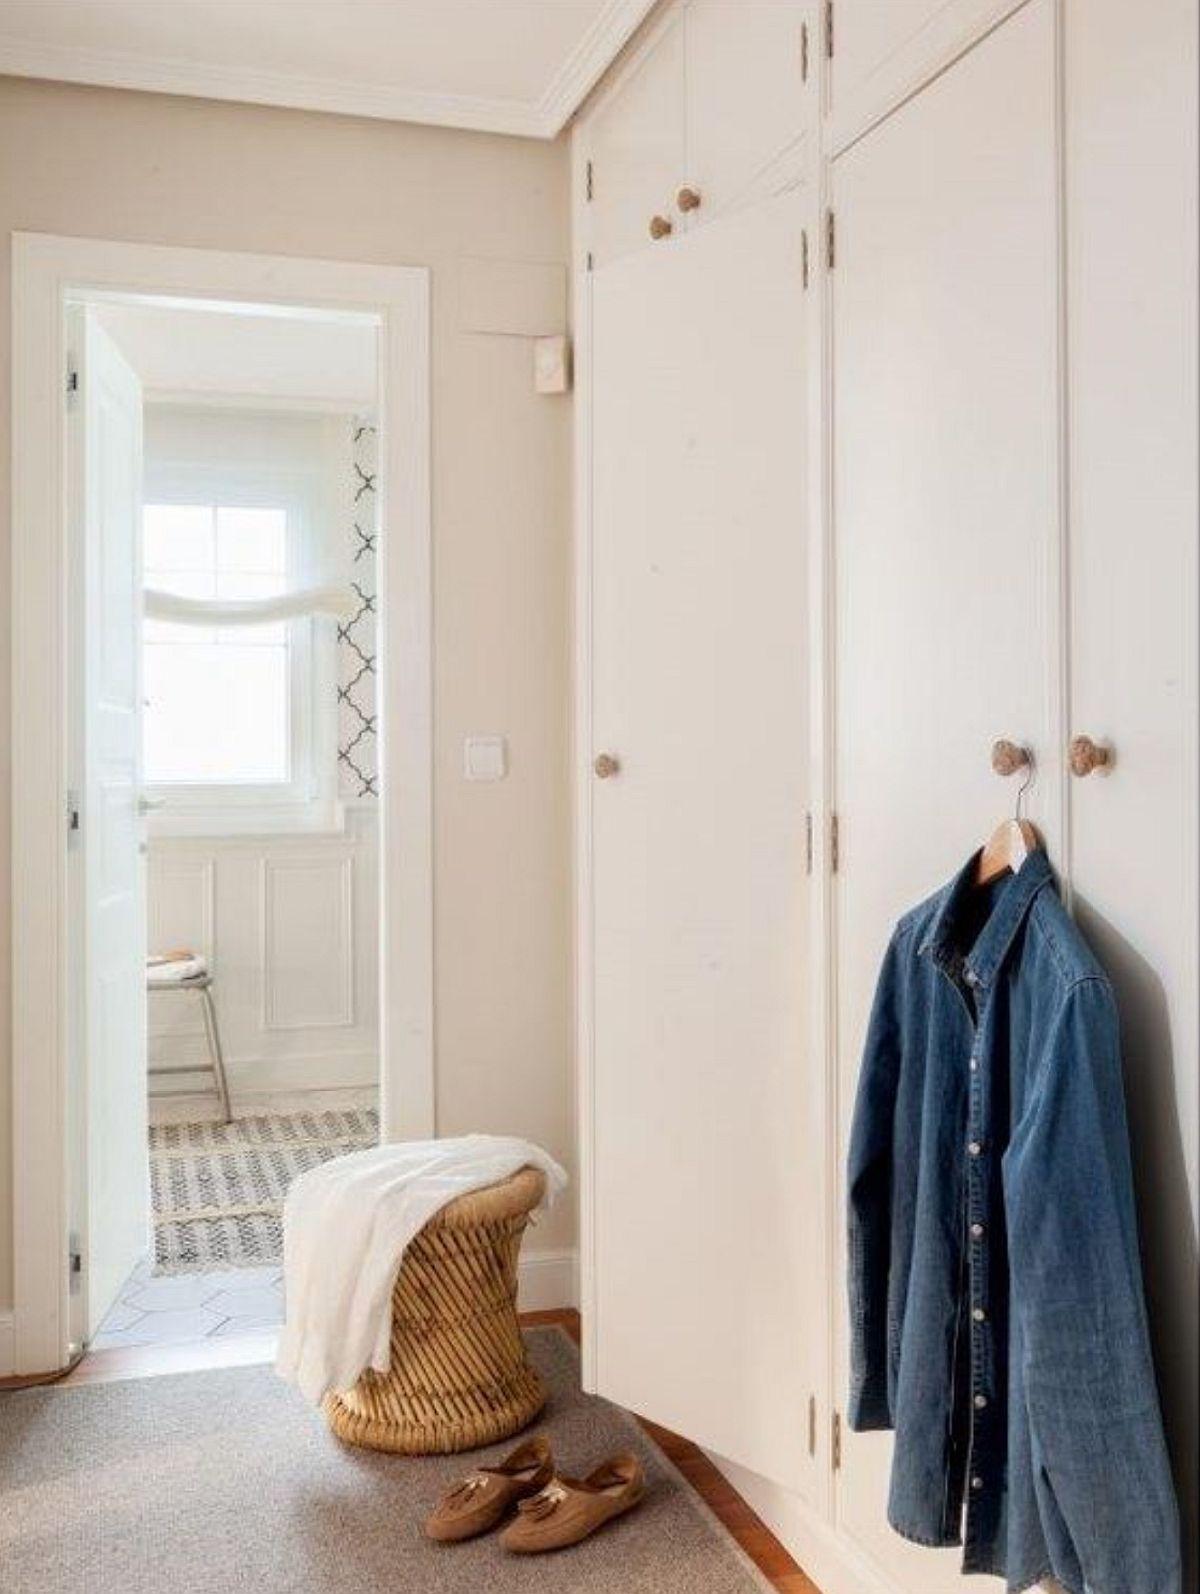 Pentru spațiu mai bine organizat, holul de la etaj a fost folosit la maximum pentru depozitare și este la fix acest dressing în zona de circulație dintre dormitor și baie.